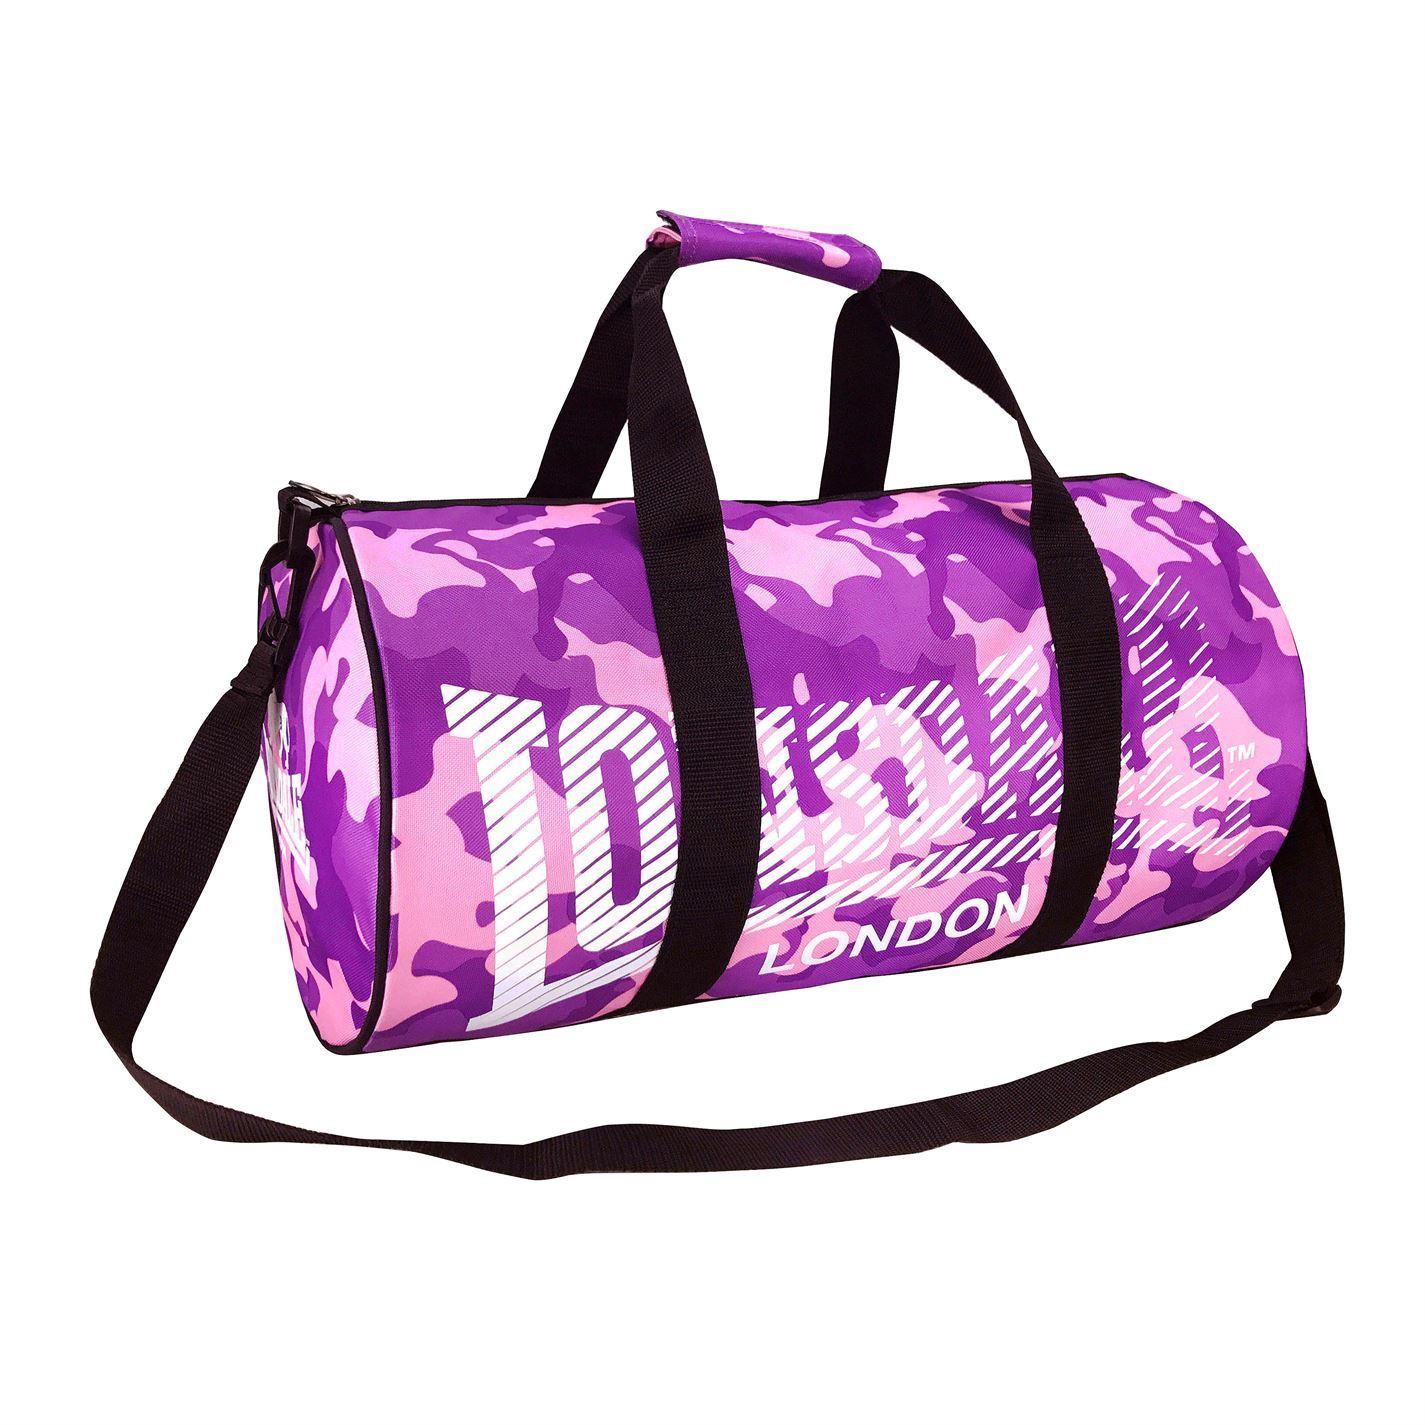 ... Lonsdale Barrel Bag Camouflage Pink Purple Sports Kit Holdall Carryall  Gymbag ... 75860291af5e0